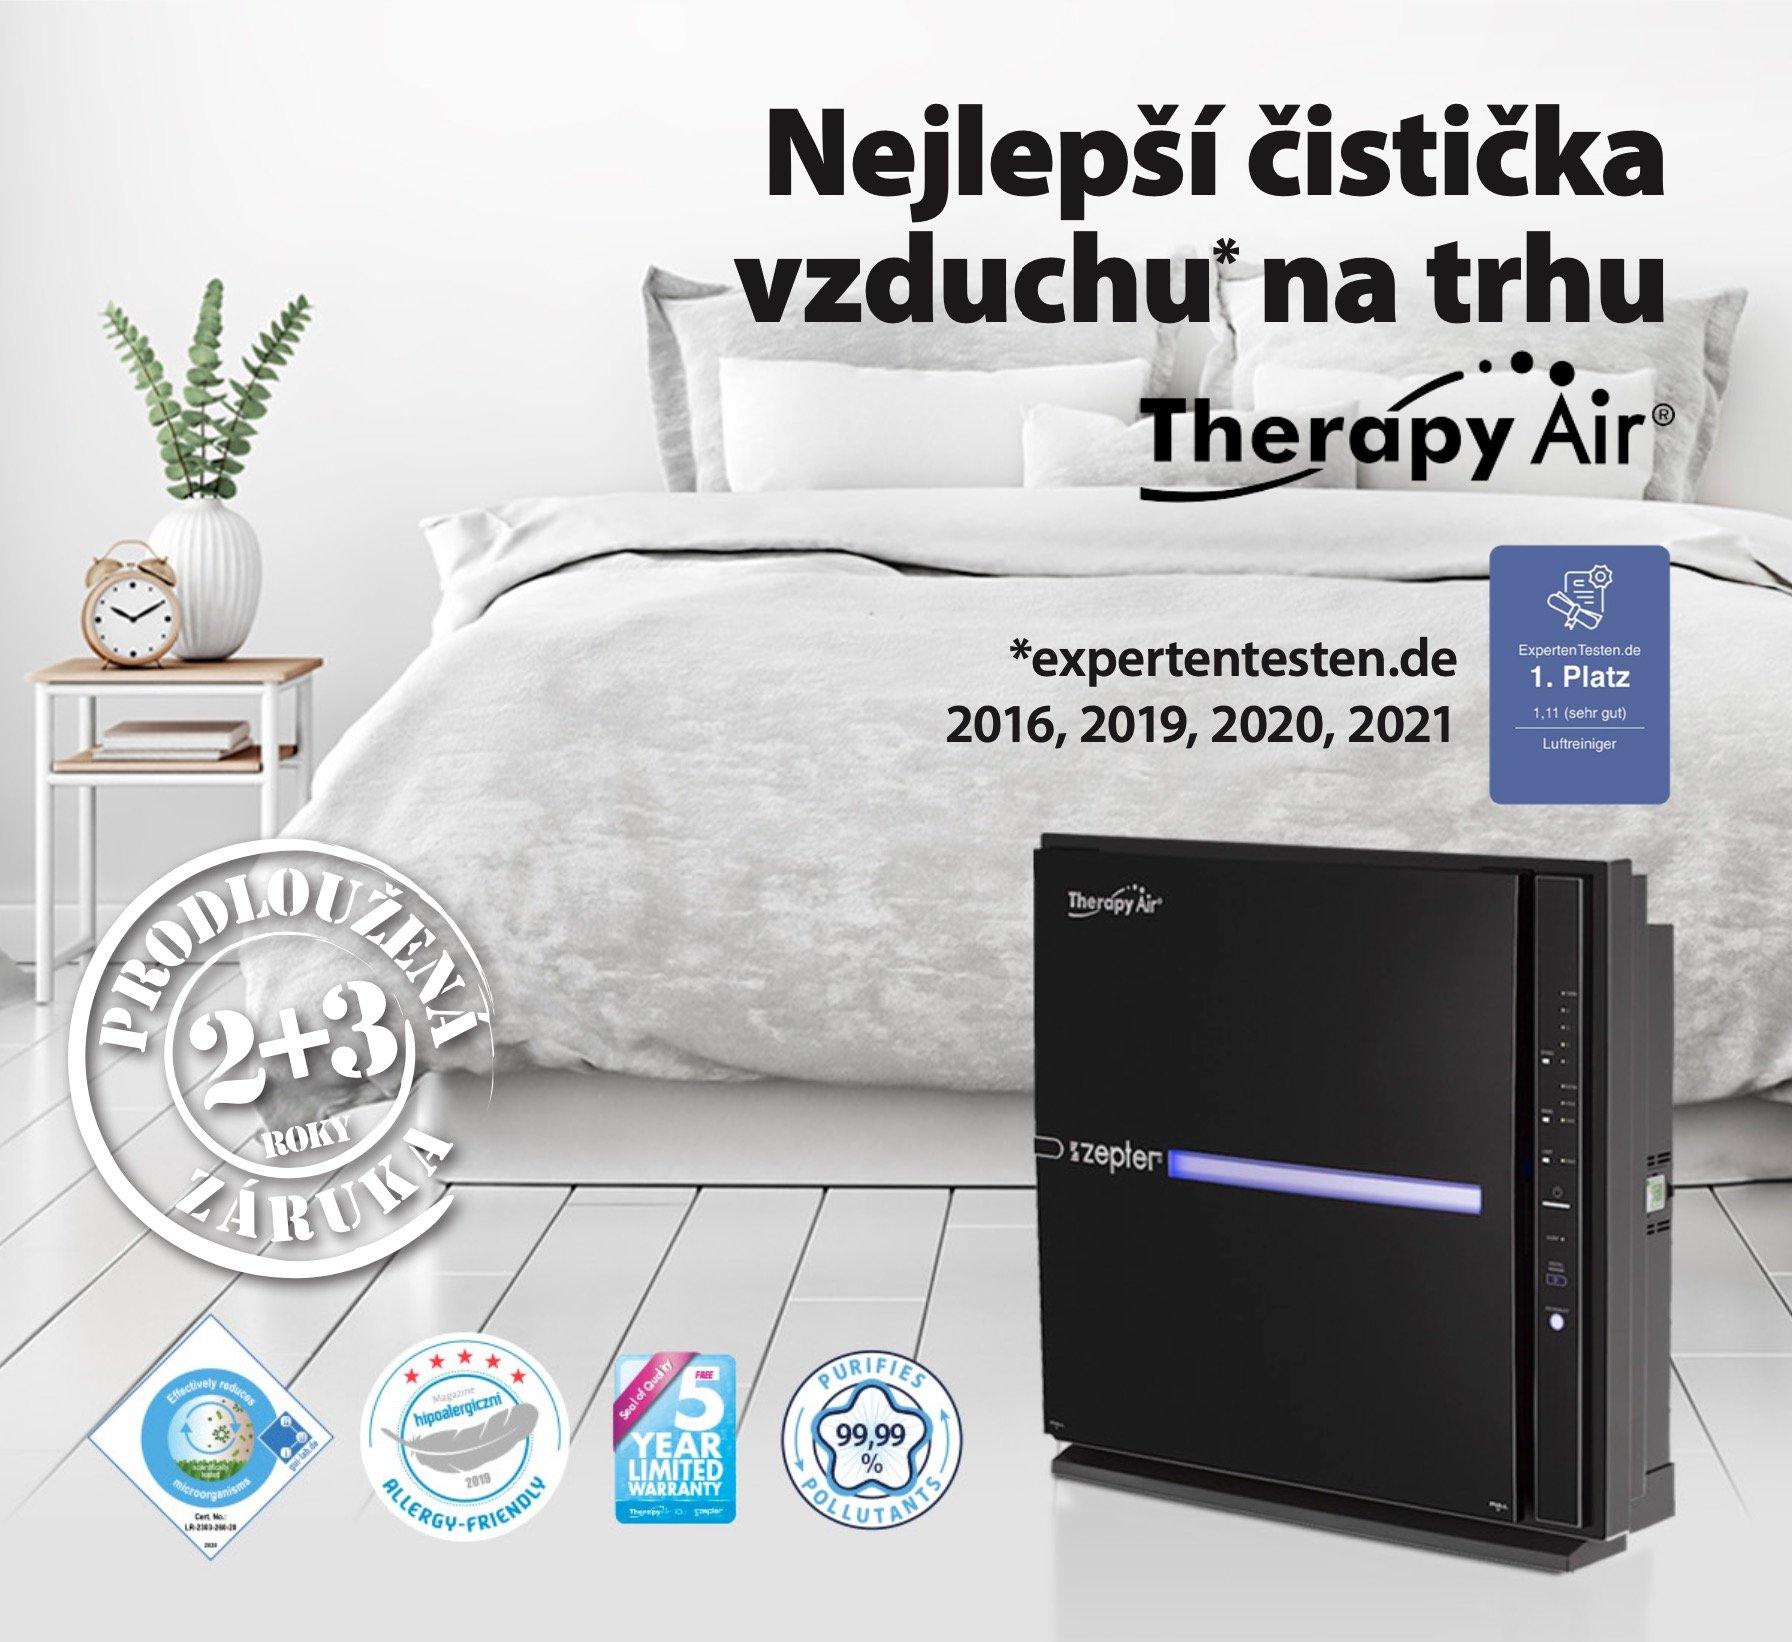 Nejlepší čistička vzduchu na trhu Therapy Air Ion Black a ocenění expertentesten